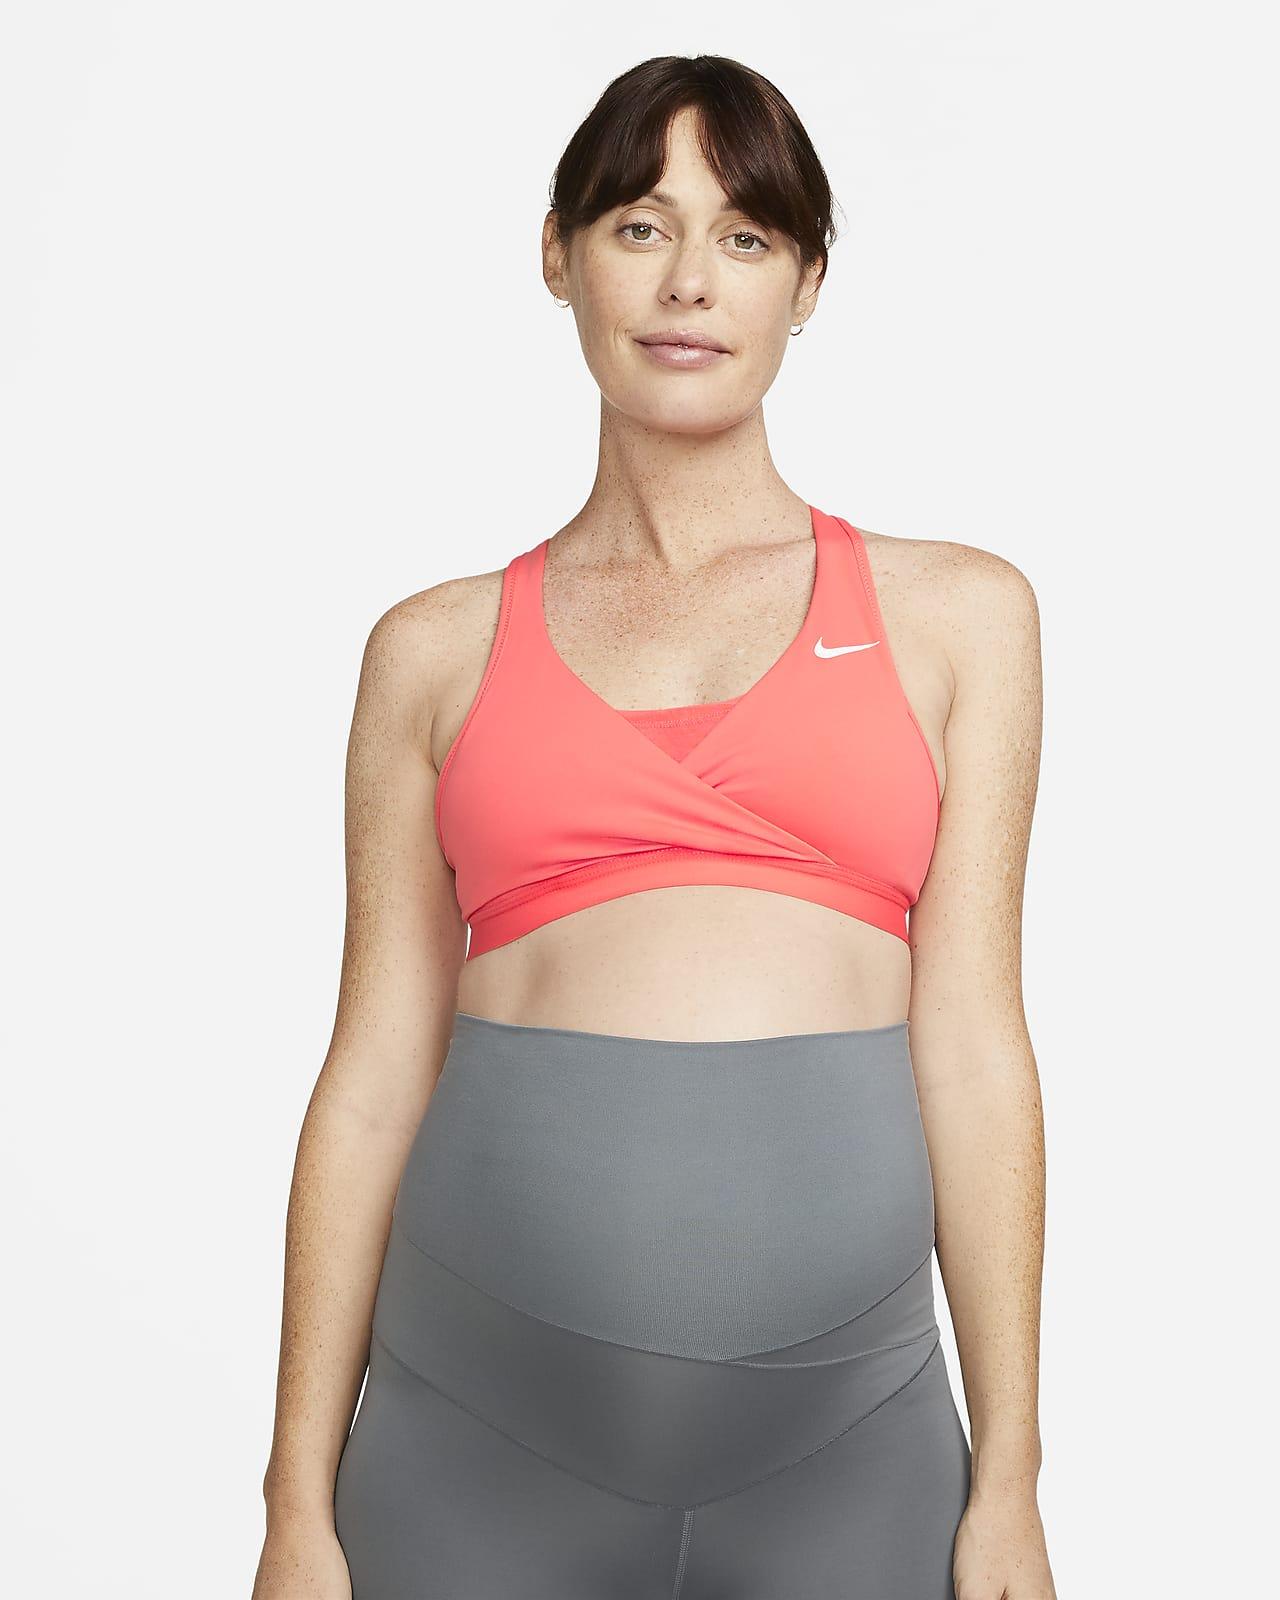 Bra imbottito a sostegno medio Nike (M) Swoosh - Donna (Maternità)